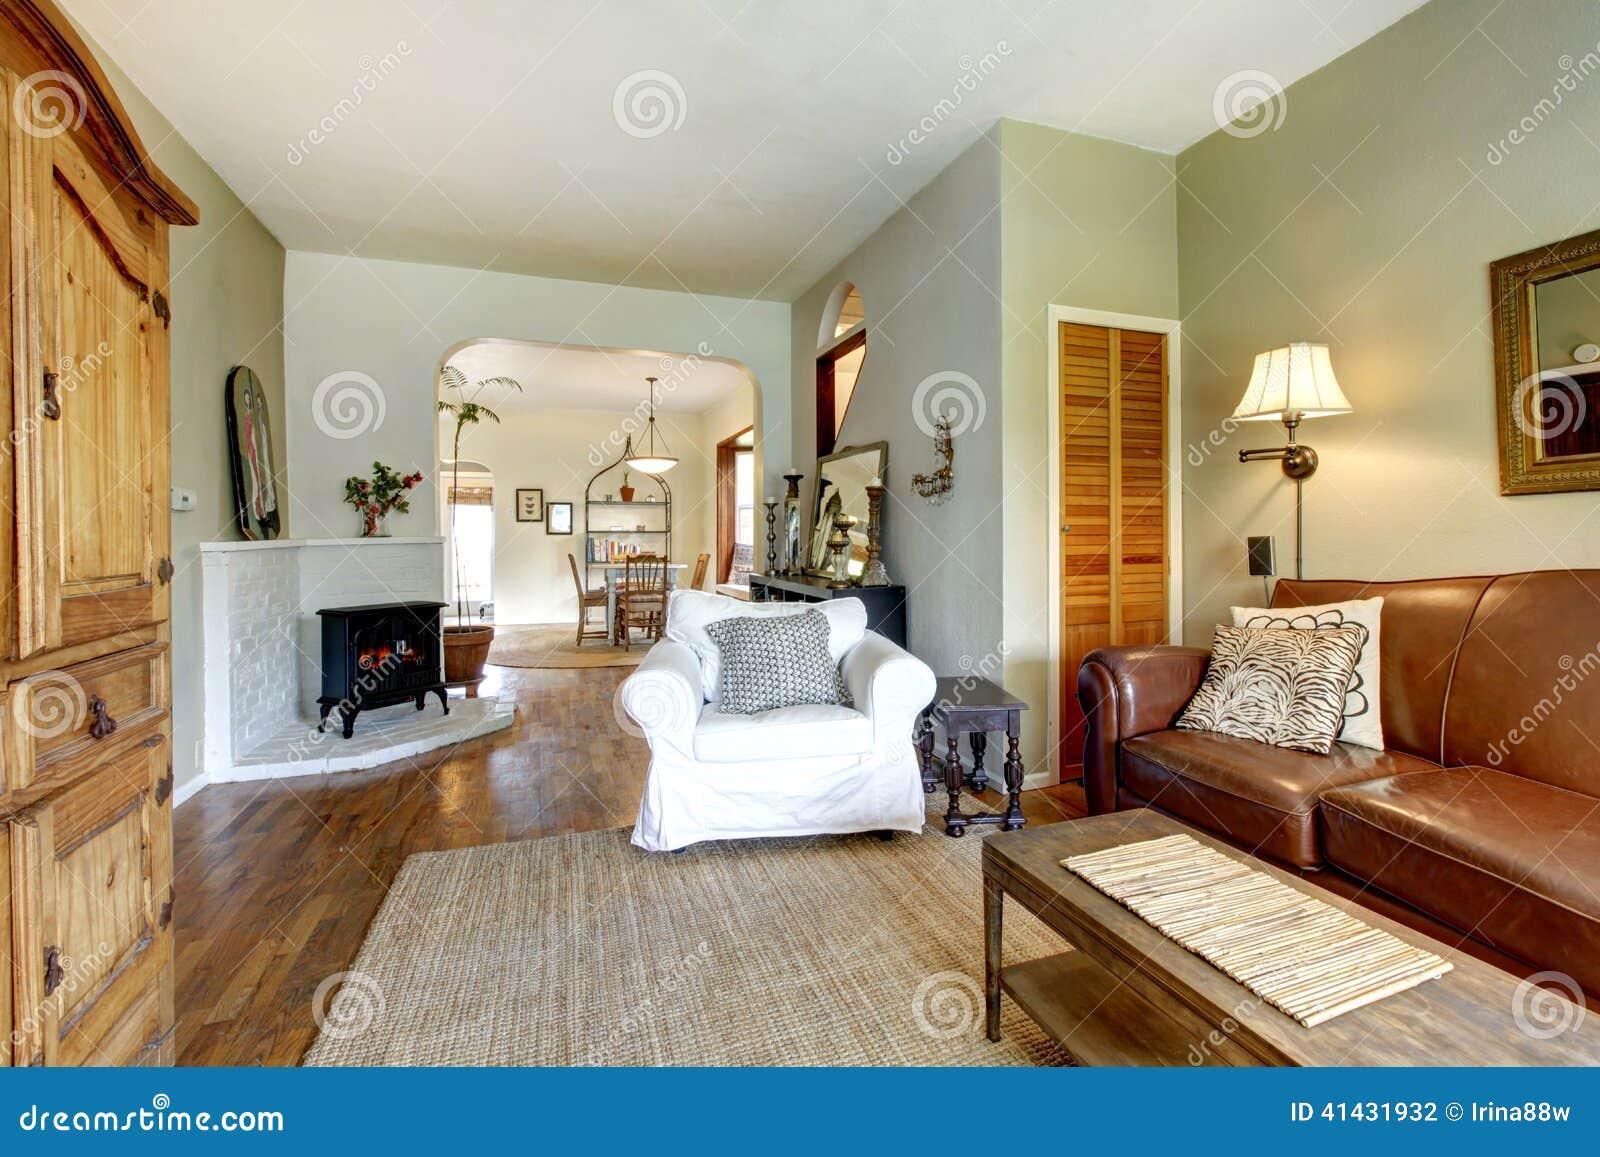 Salon Dans La Vieille Maison Avec Les Meubles Antiques Photo Stock  # Les Meubles De Maison